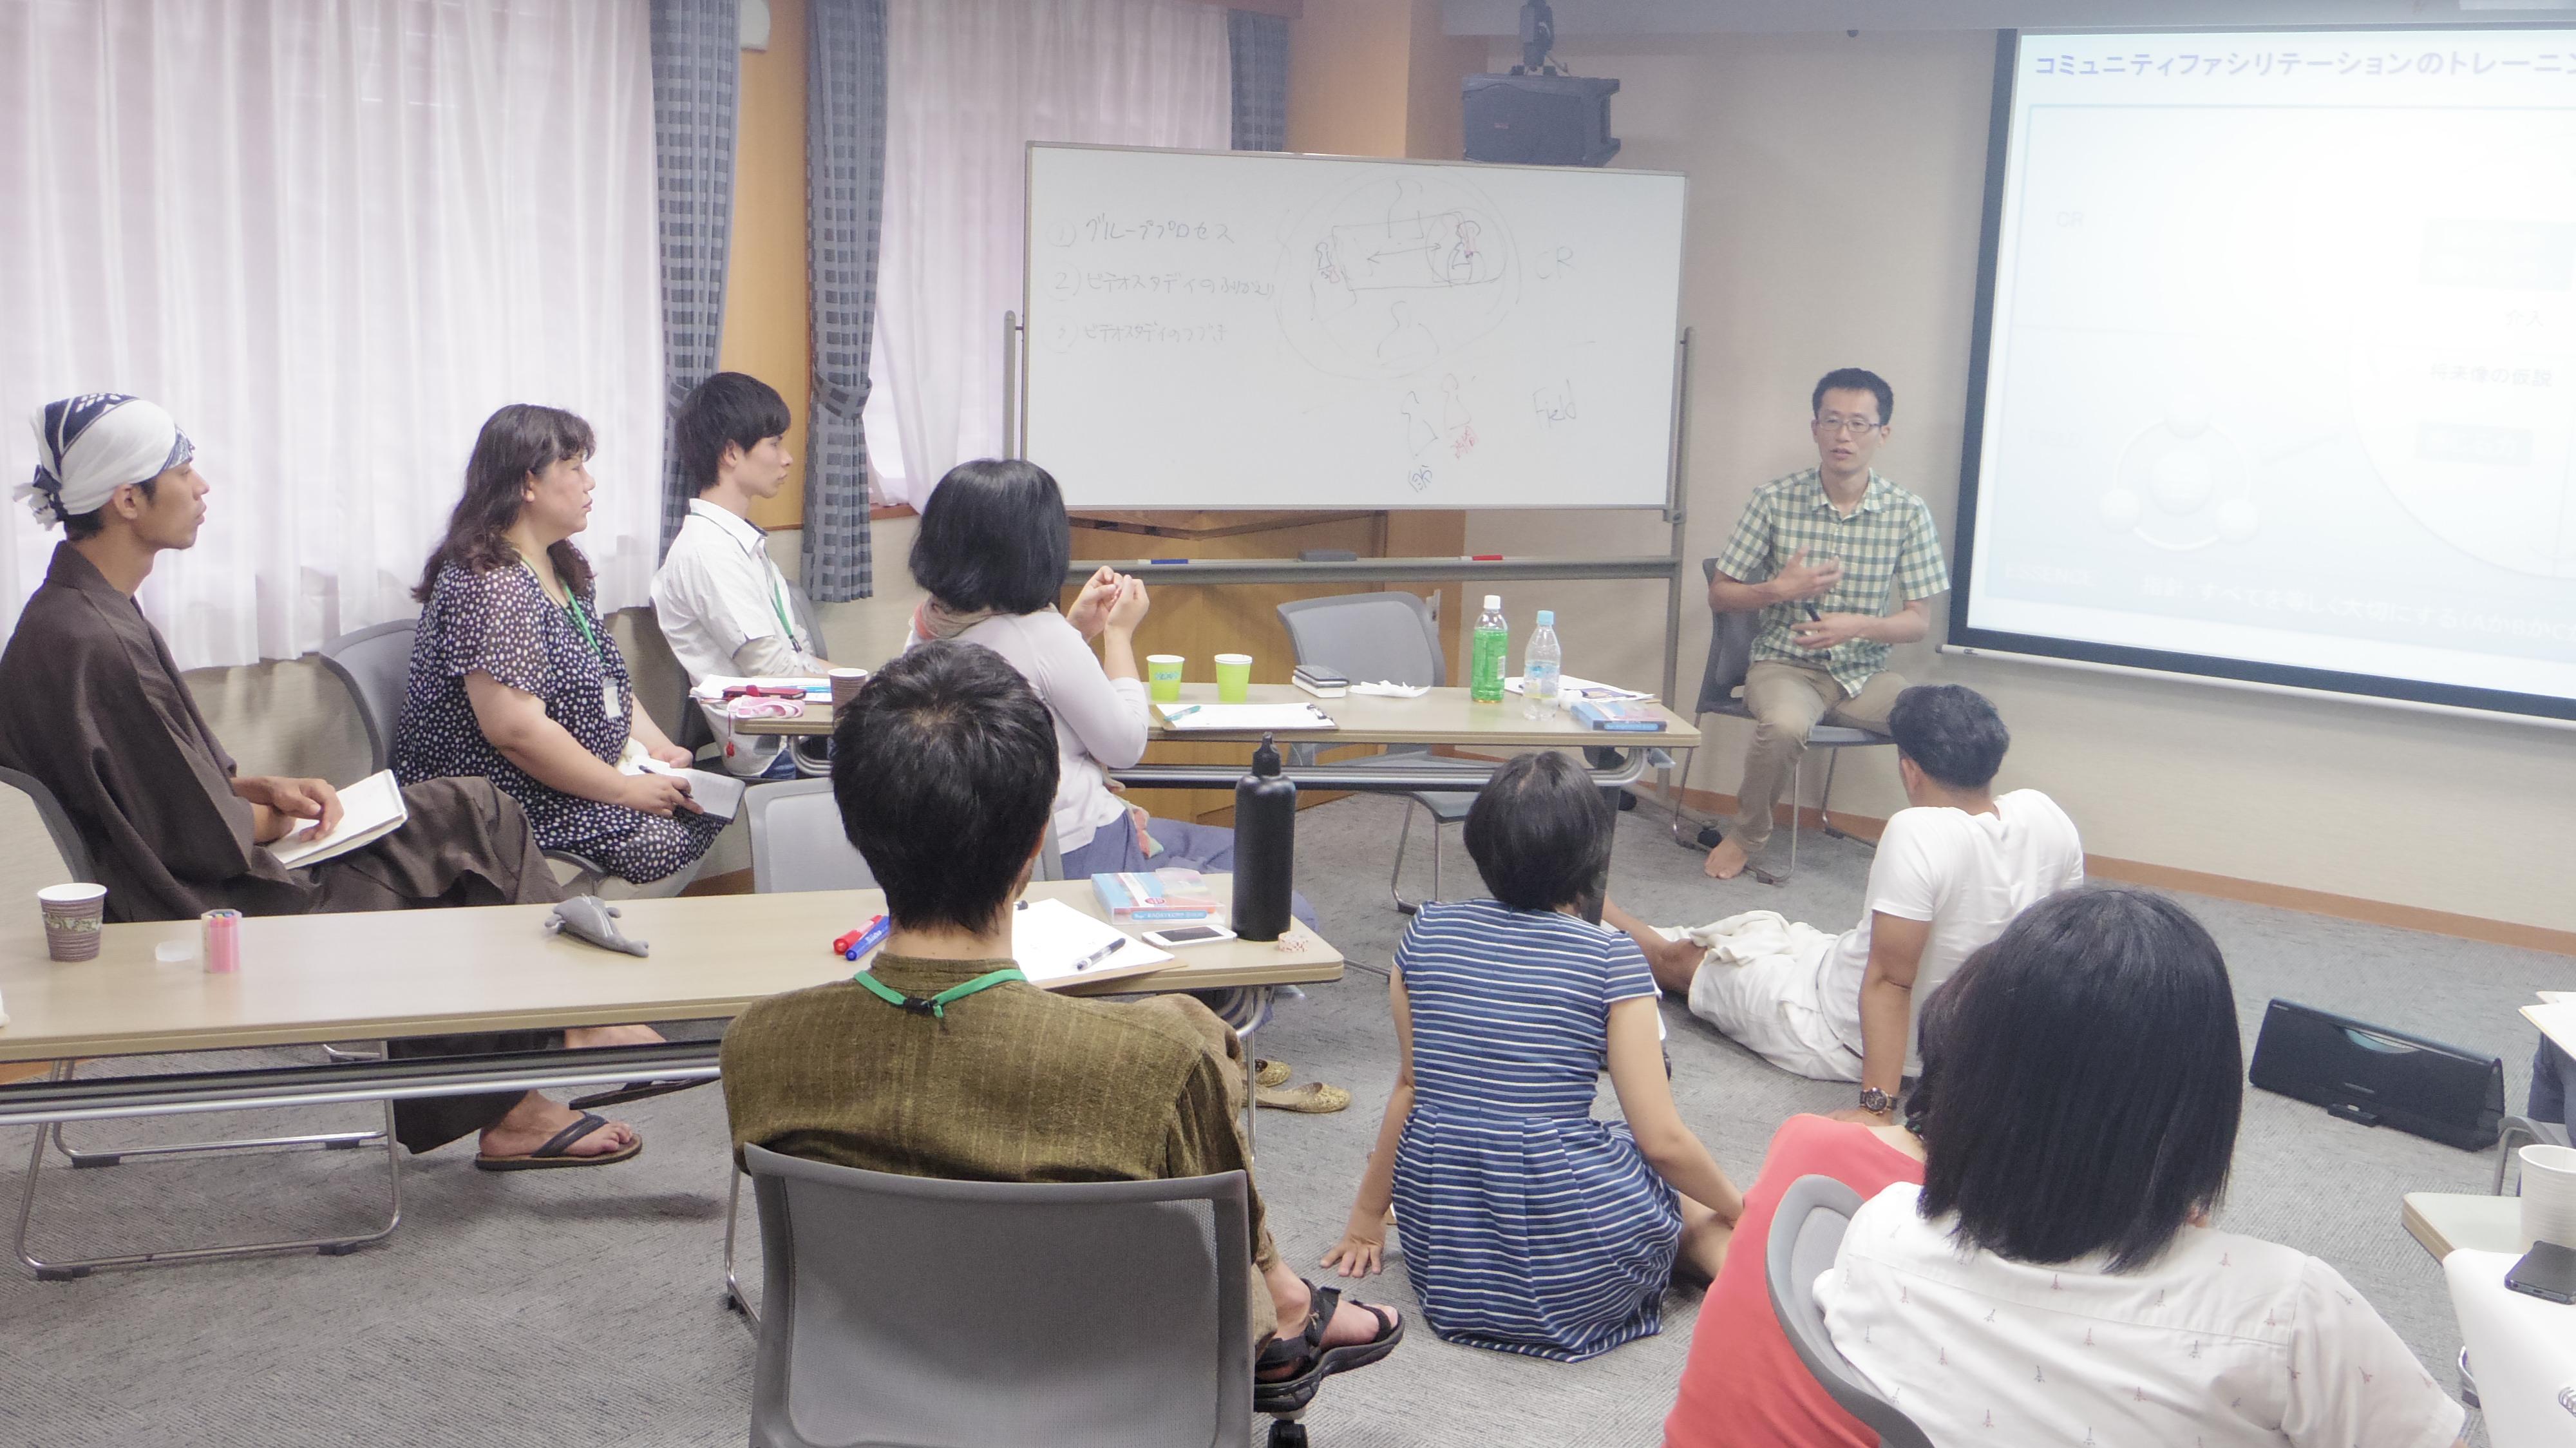 カレッジ15③ グループプロセス前